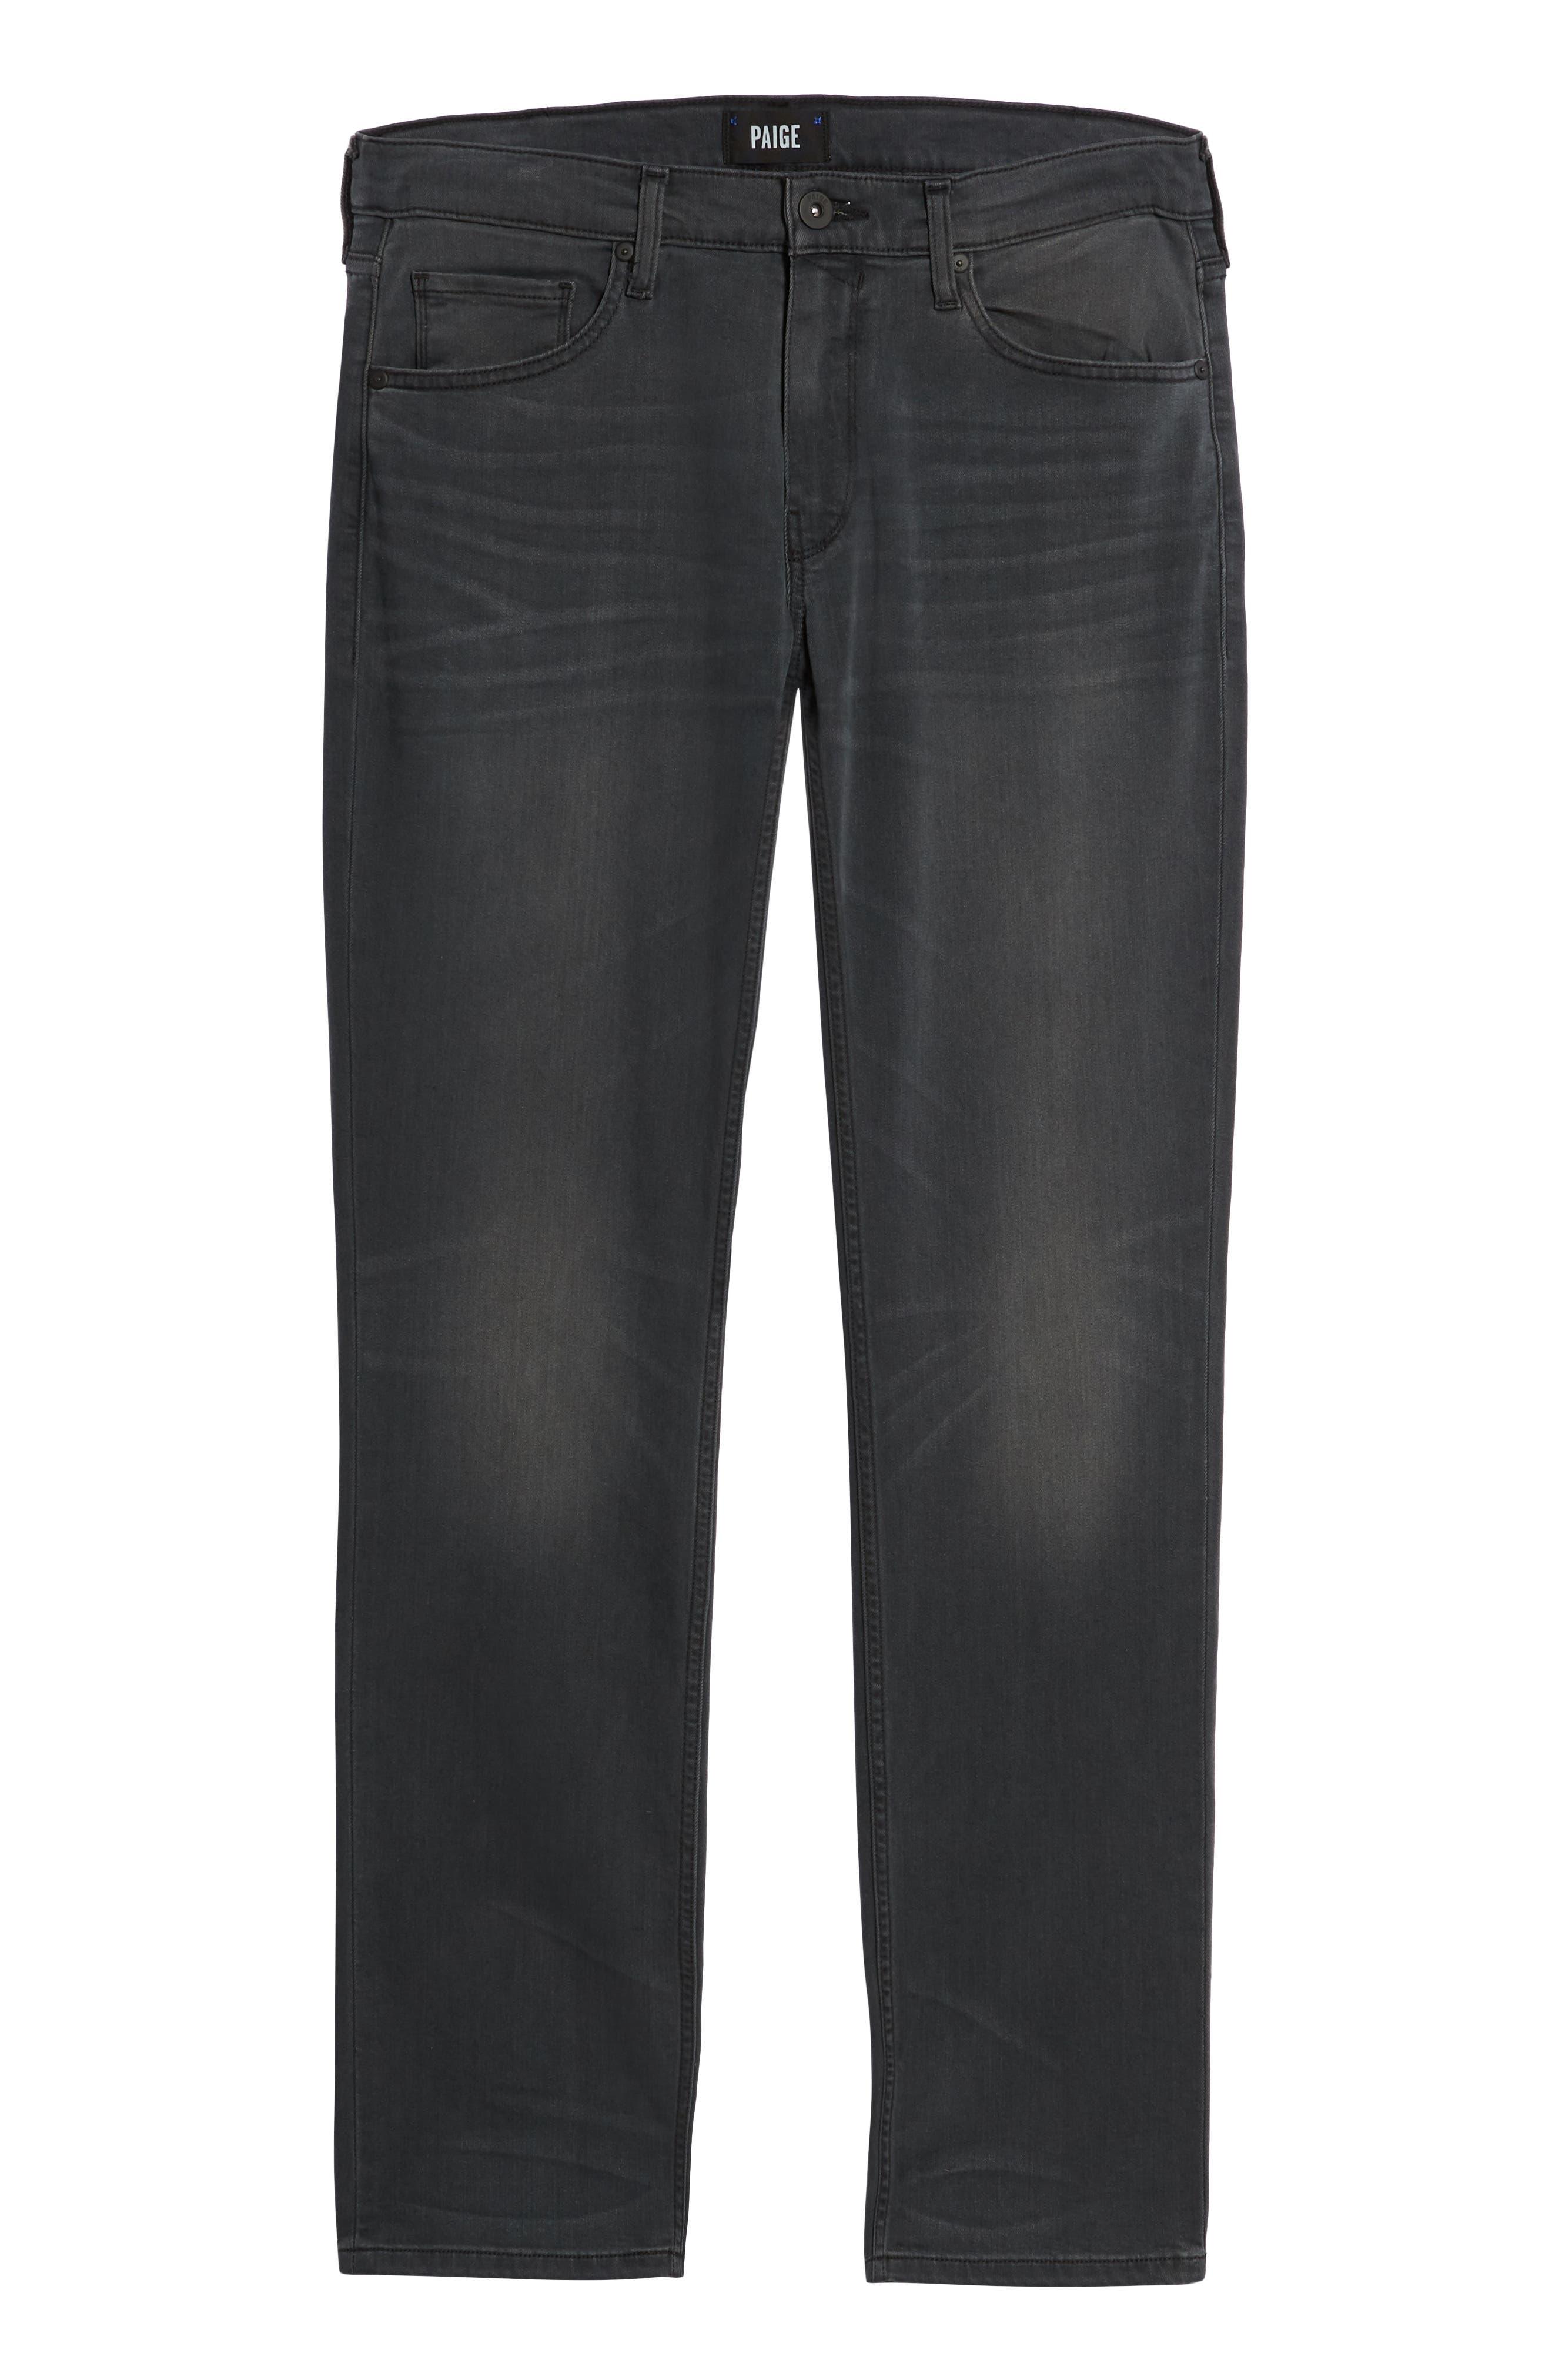 Transcend - Federal Slim Straight Leg Jeans,                             Alternate thumbnail 6, color,                             SHELDON